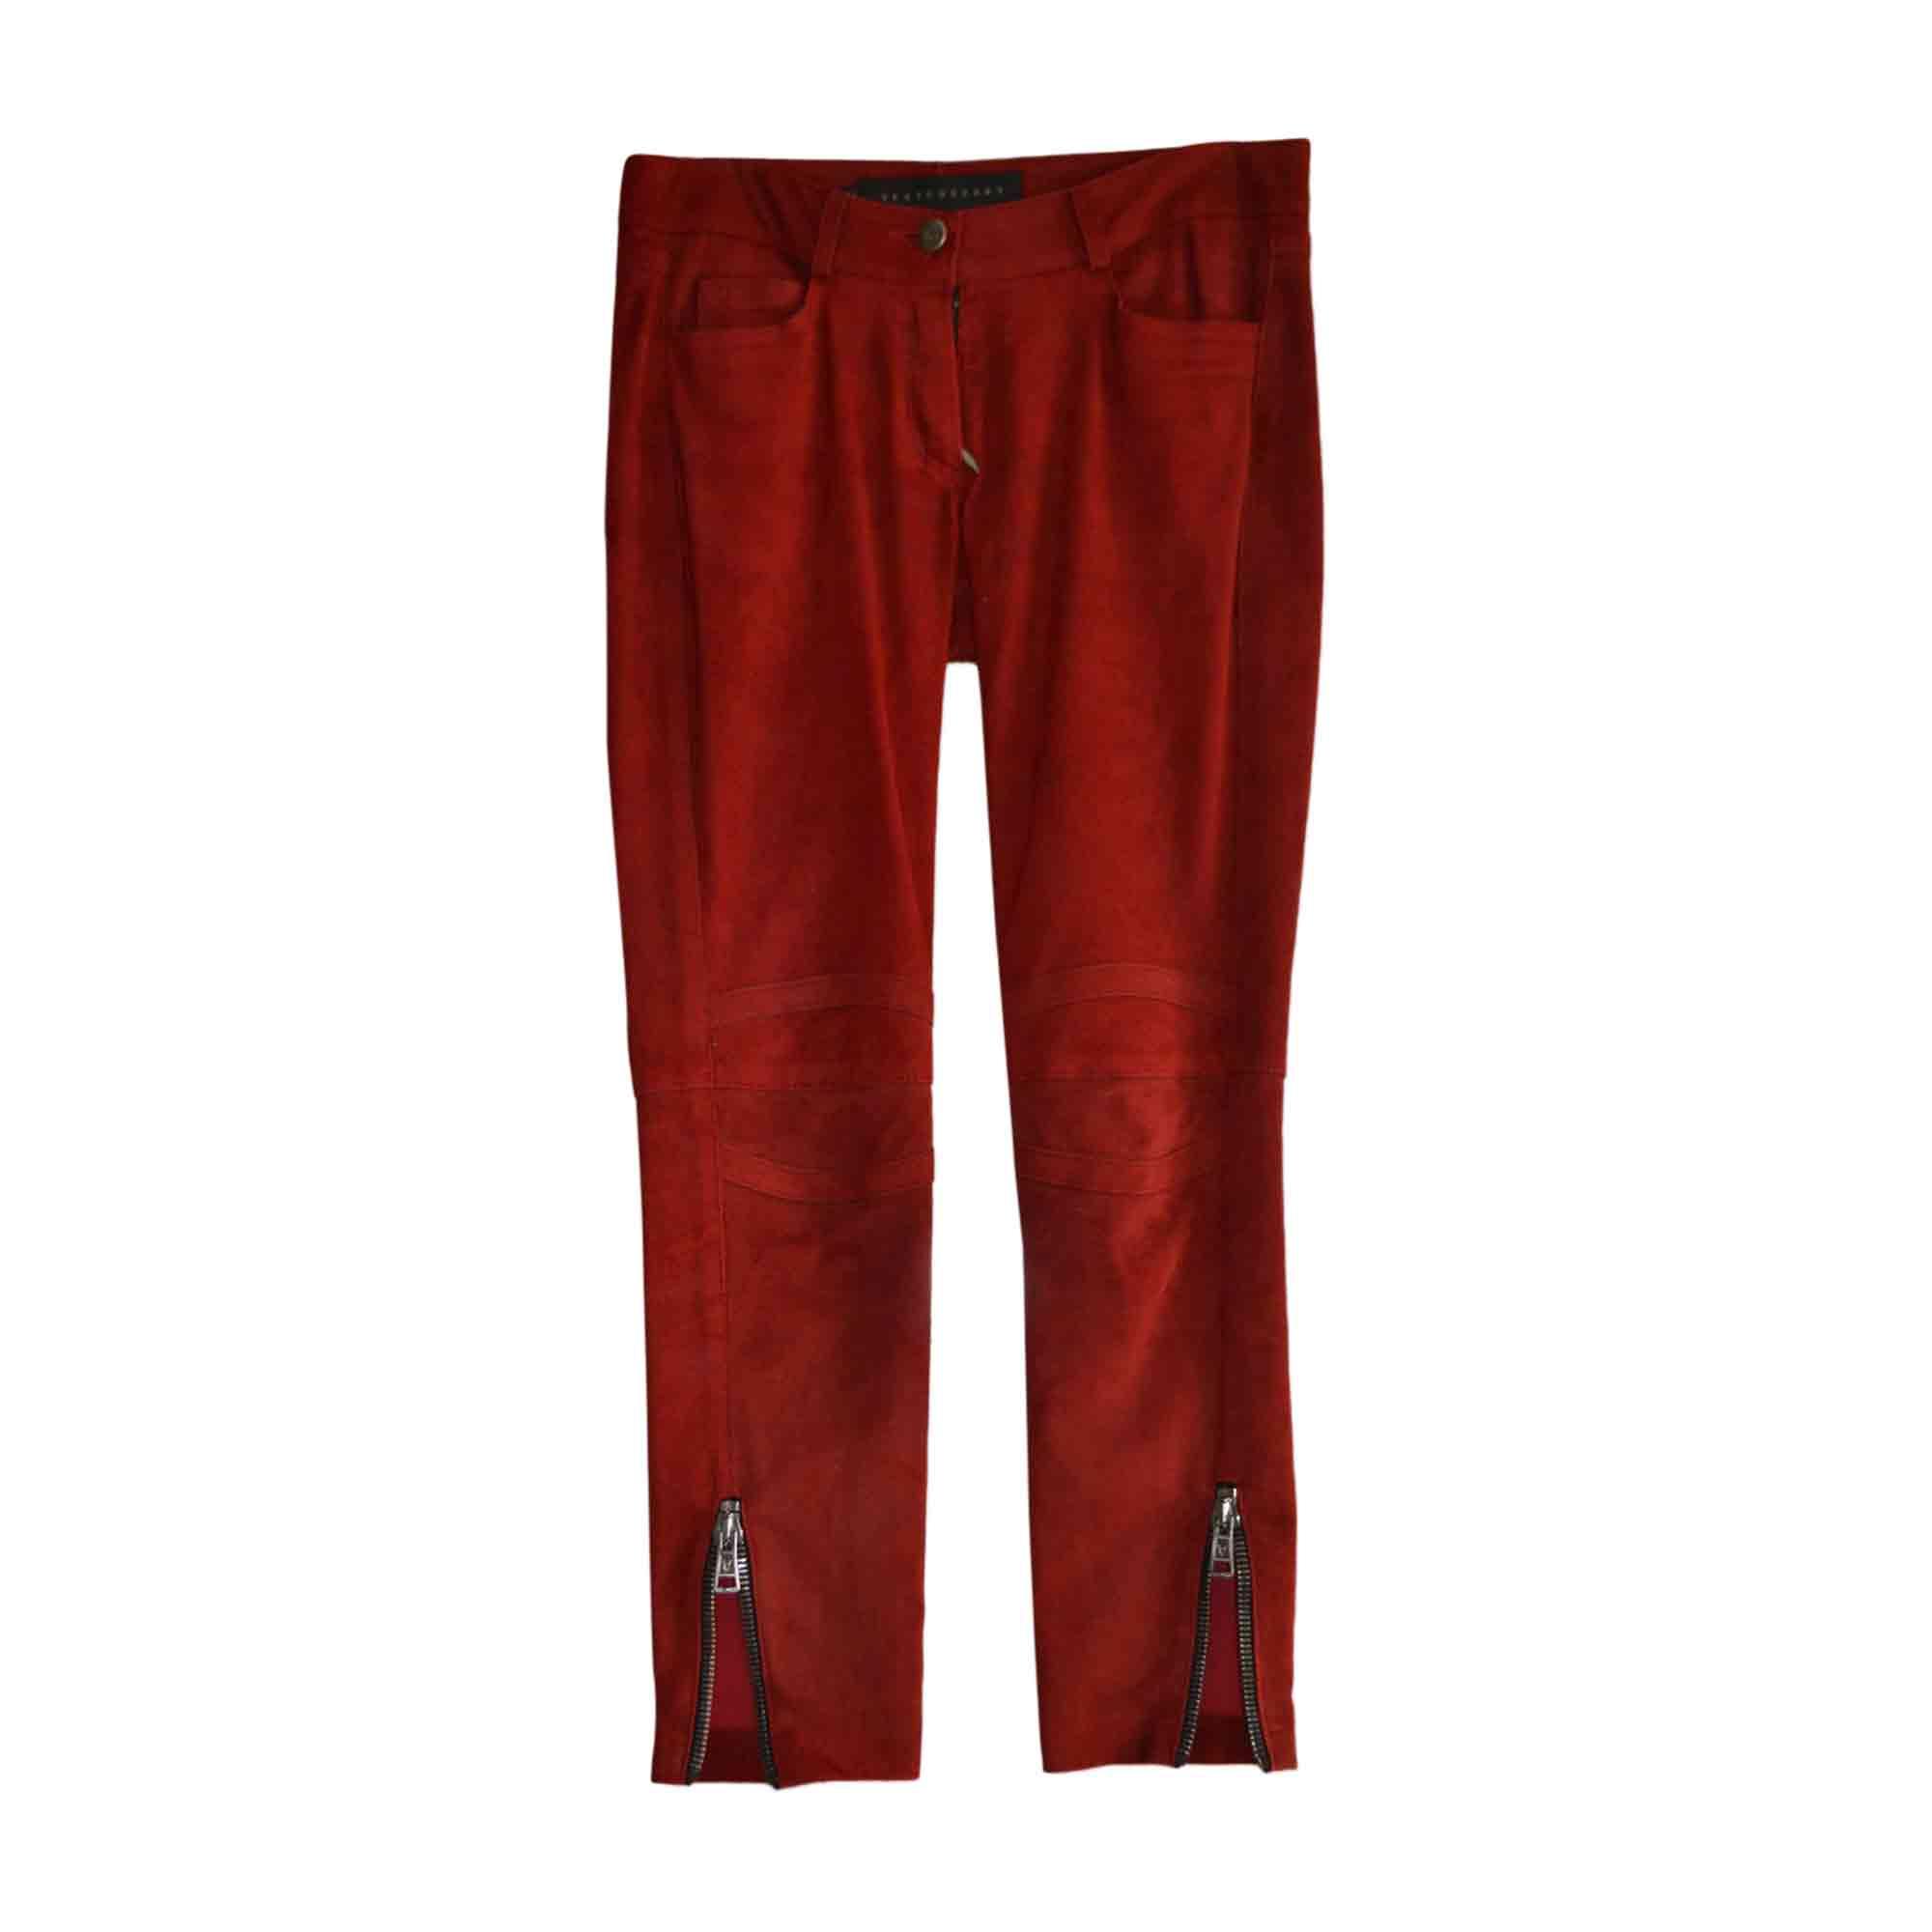 Pantalon droit VENTCOUVERT Rouge, bordeaux